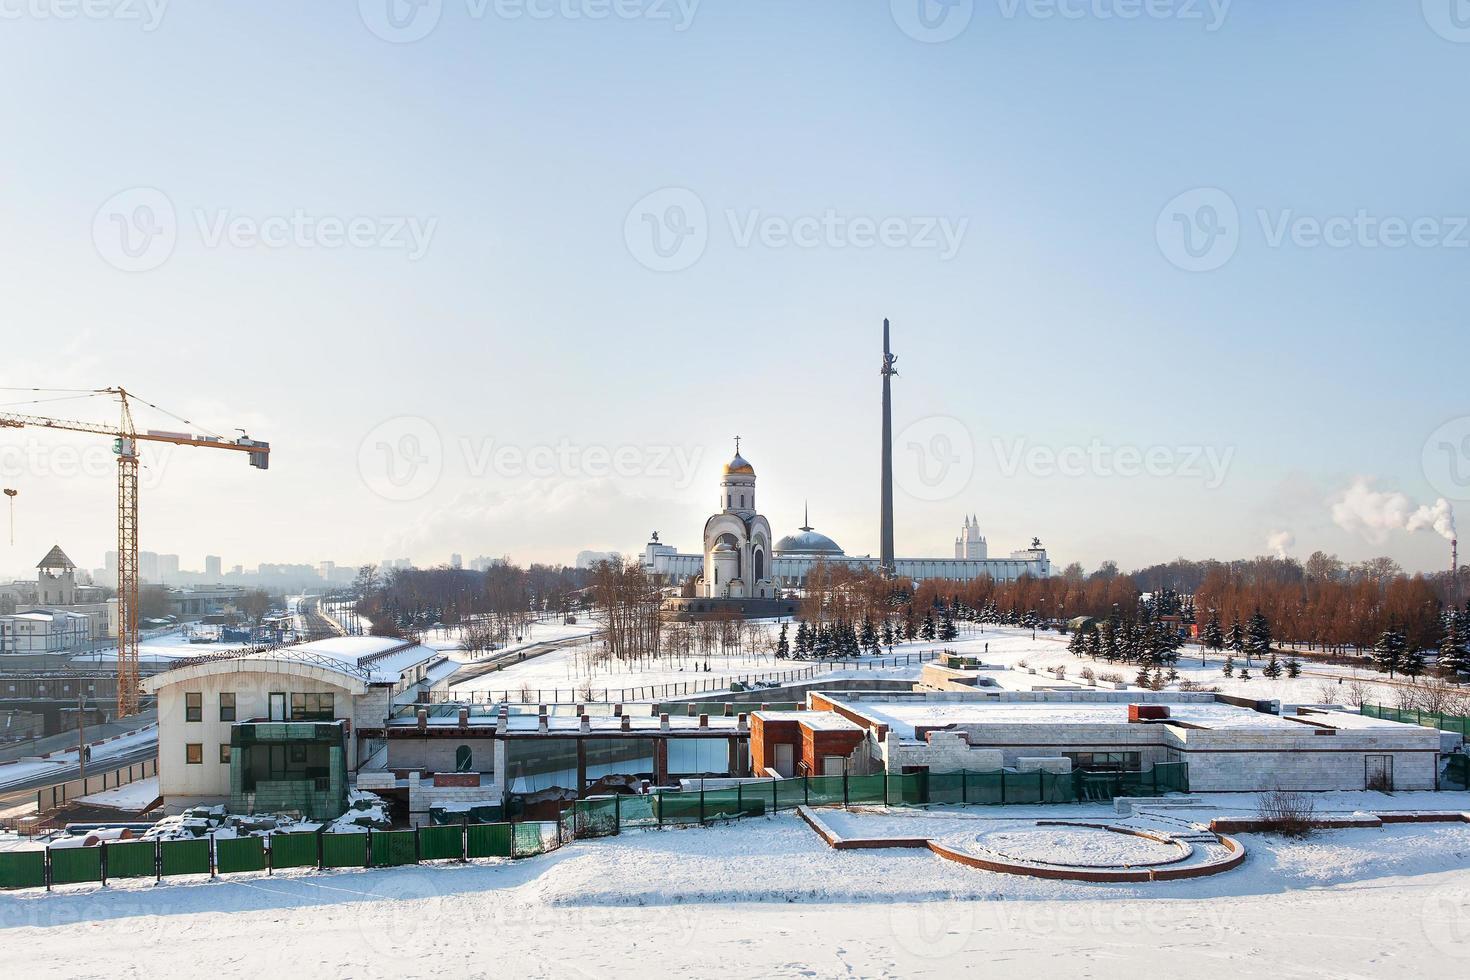 Siegespark in Moskau, der Erinnerung an den Krieg gewidmet. foto